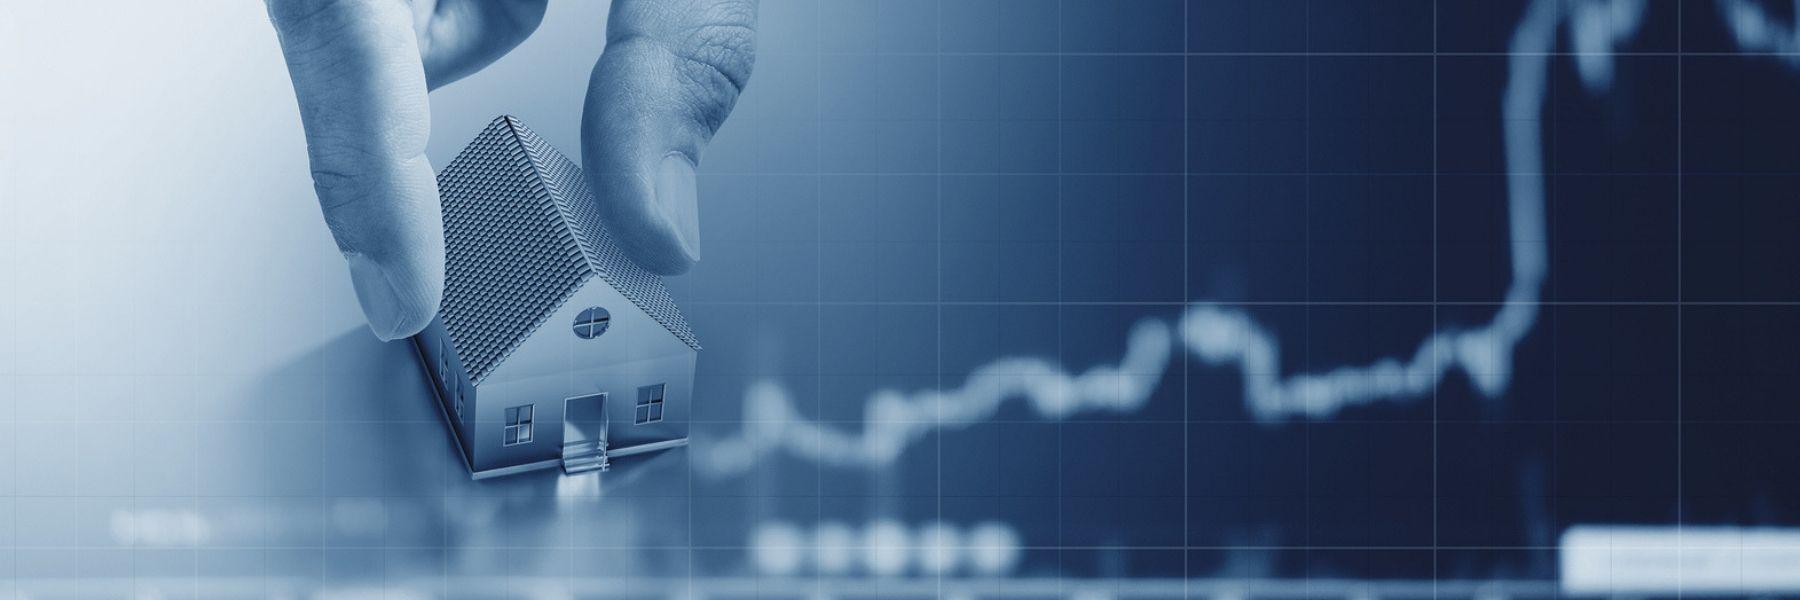 hausse taux hypothécaires